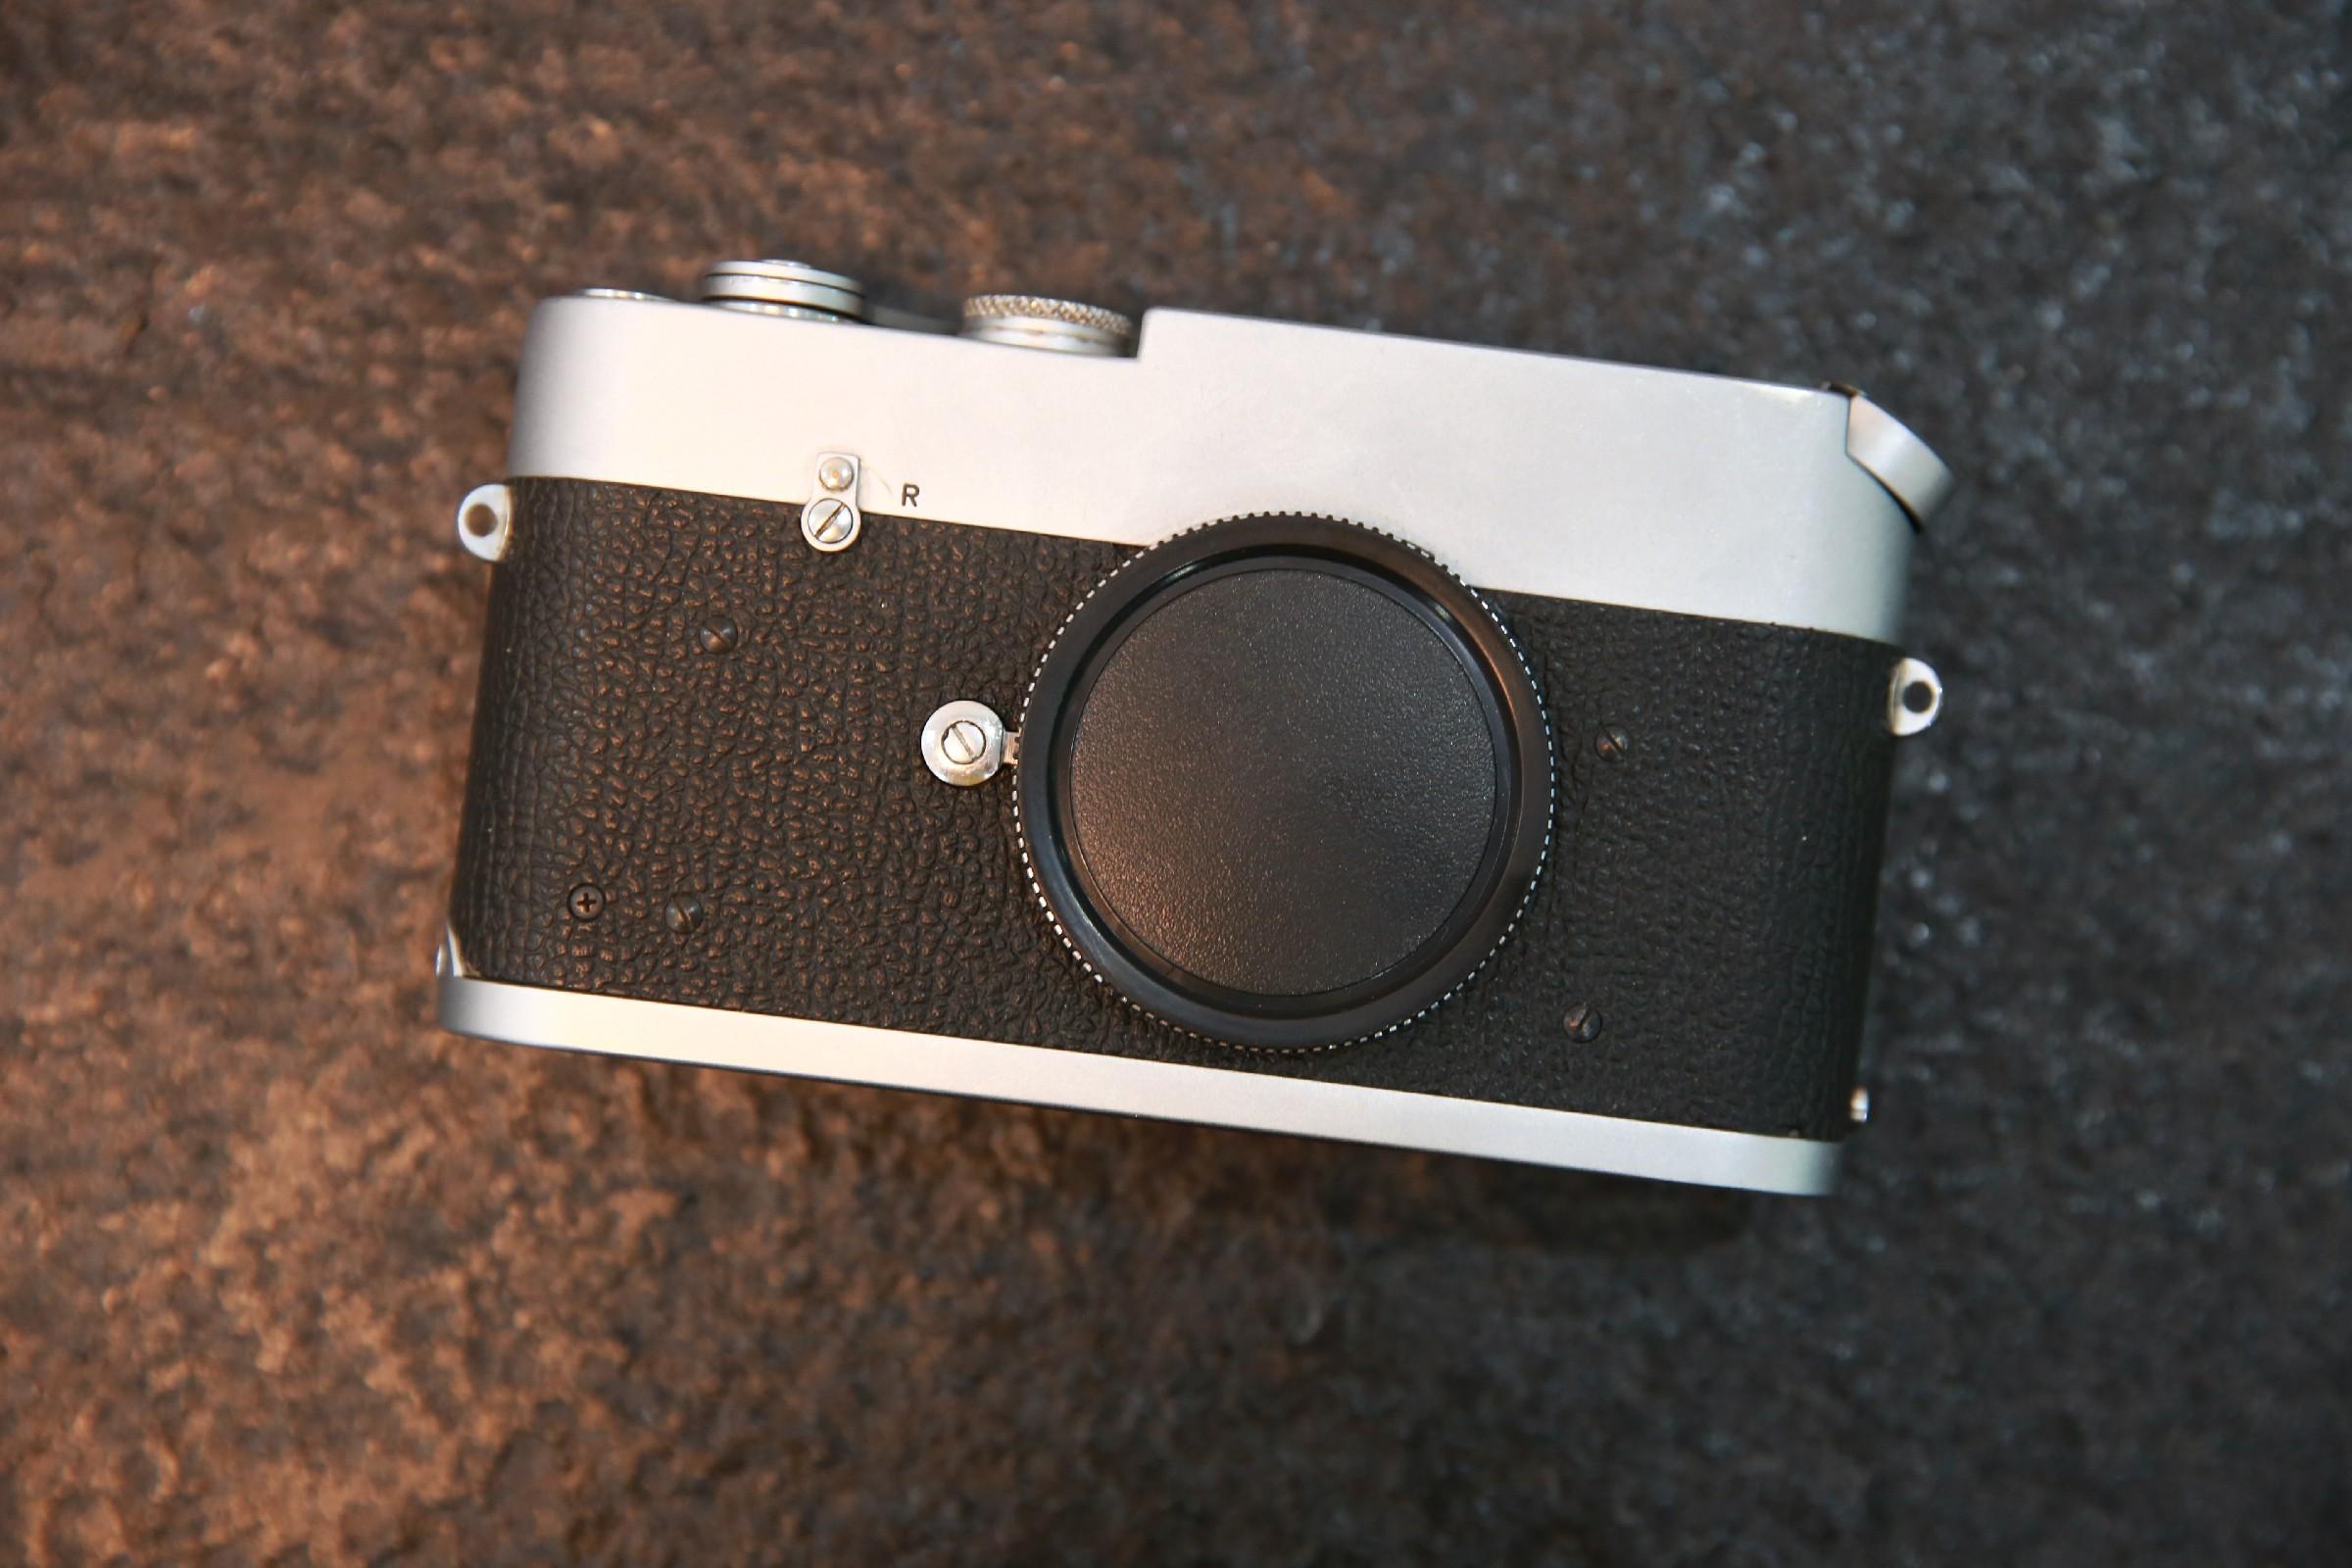 徕卡MDa M口 估焦胶卷相机